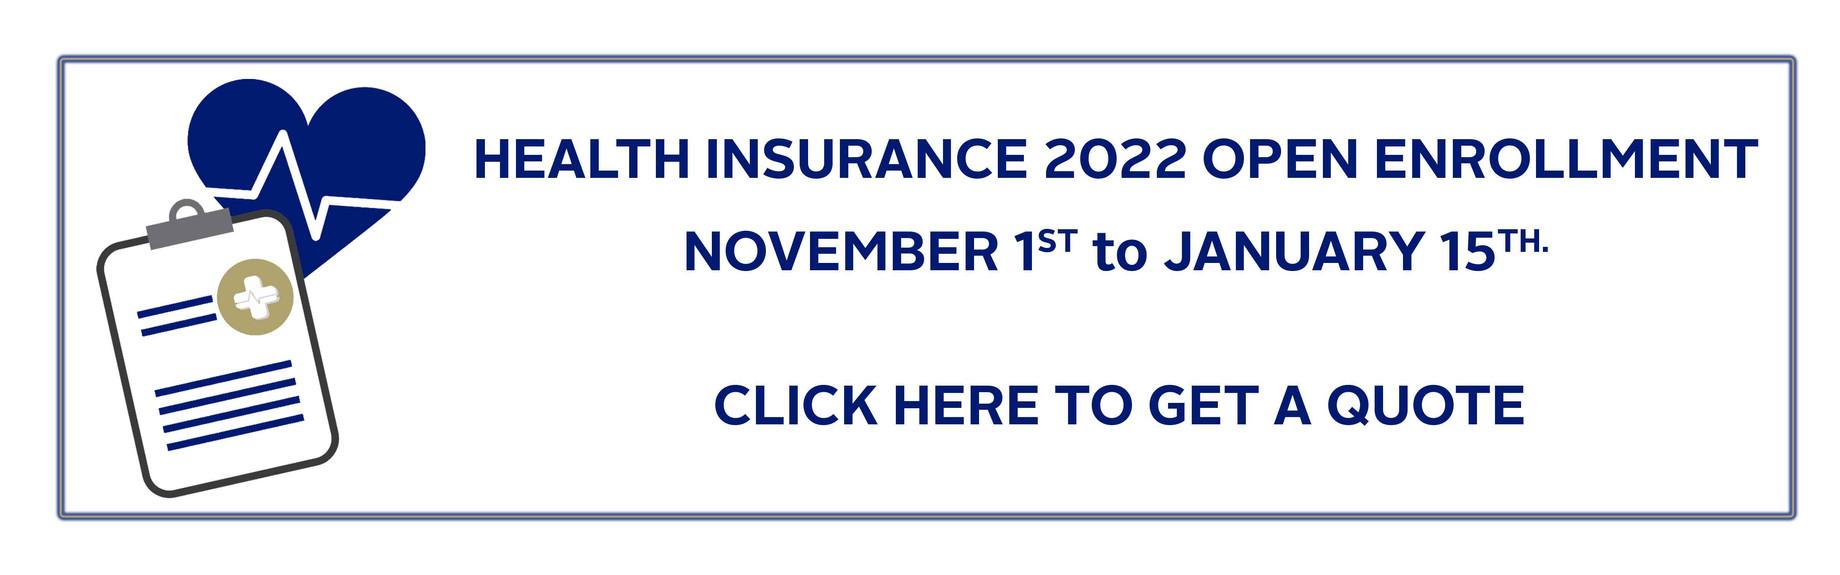 2022 Open Enrollment.jpg